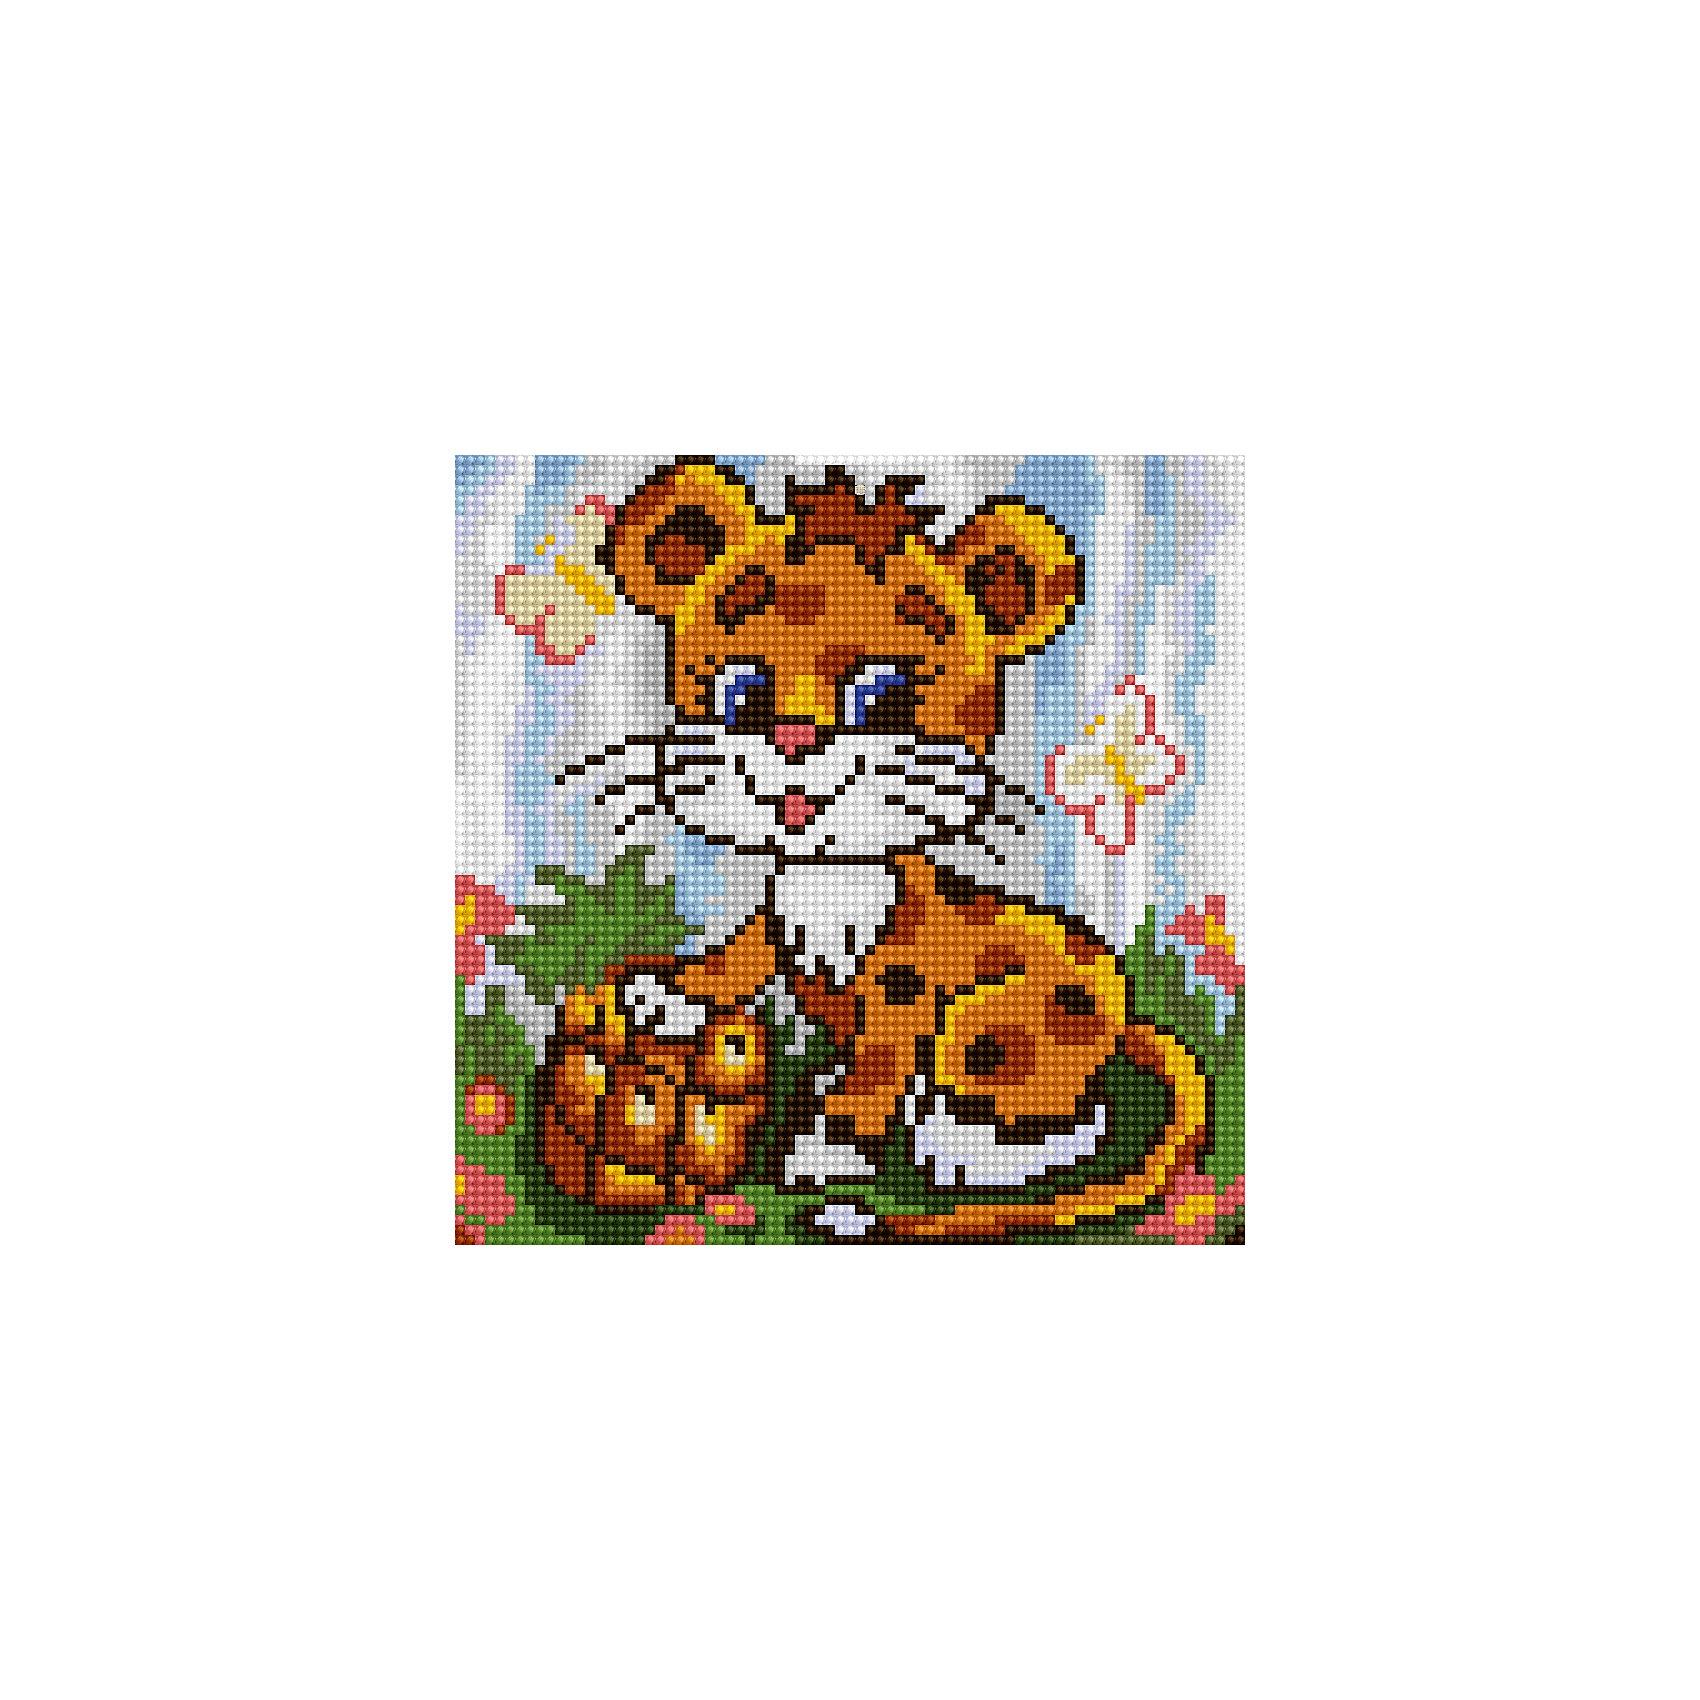 Schreiber Алмазная мозаика по номерами Маленький леопард 20*20 см schreiber алмазная мозаика по номерами белочка 20 20 см